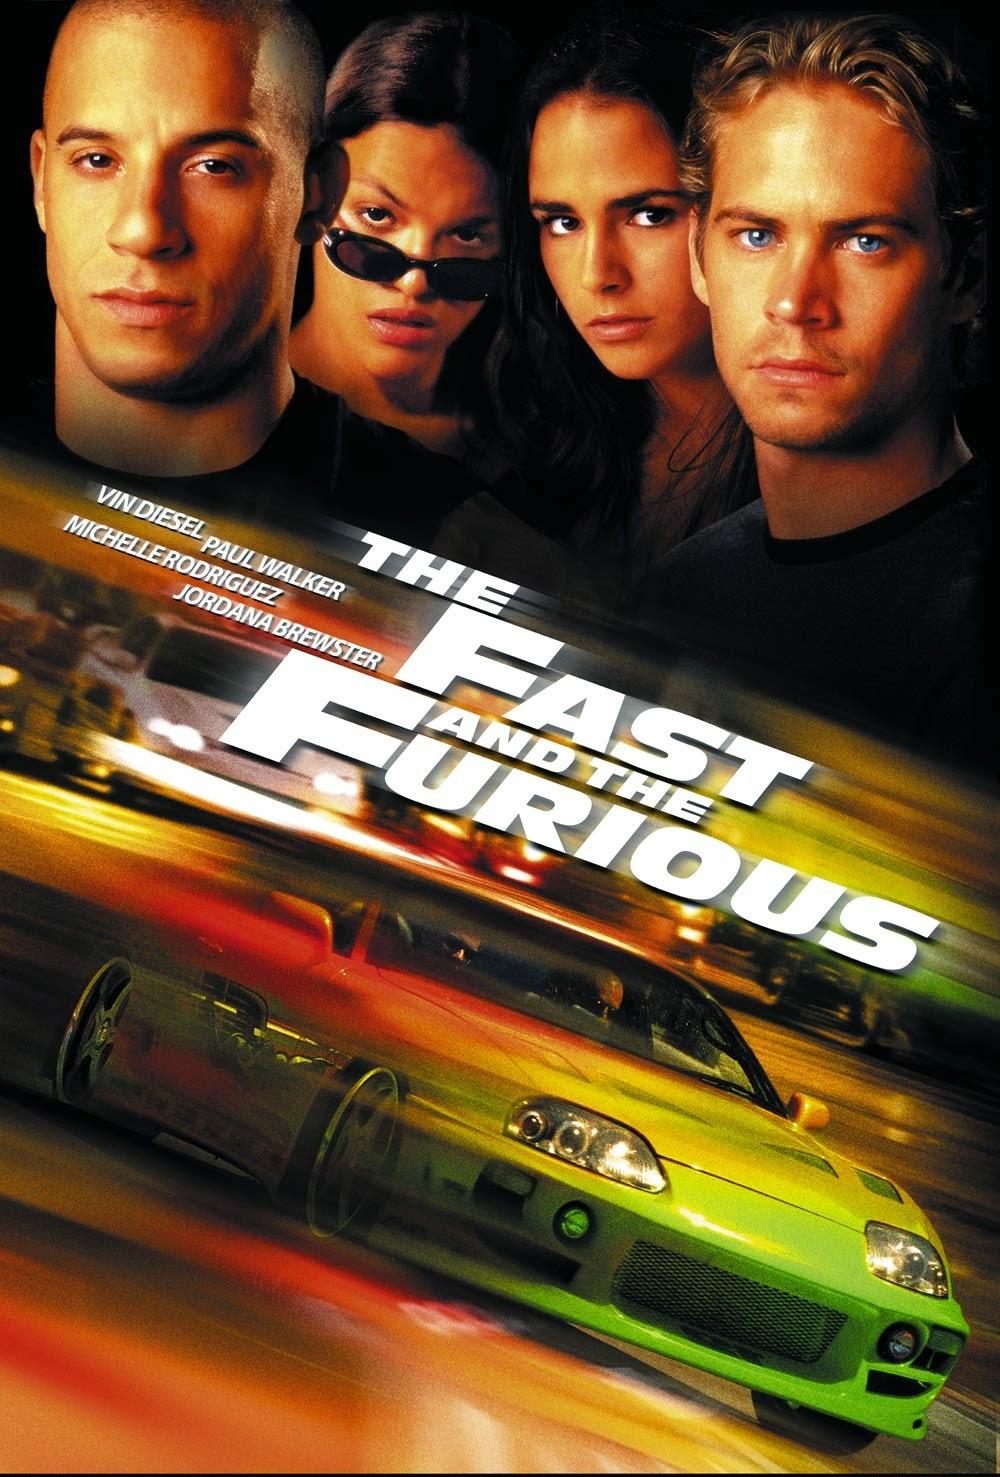 The Fast and The Furious 1 เร็วแรงทะลุนรก 1 [HD][พากย์ไทย]